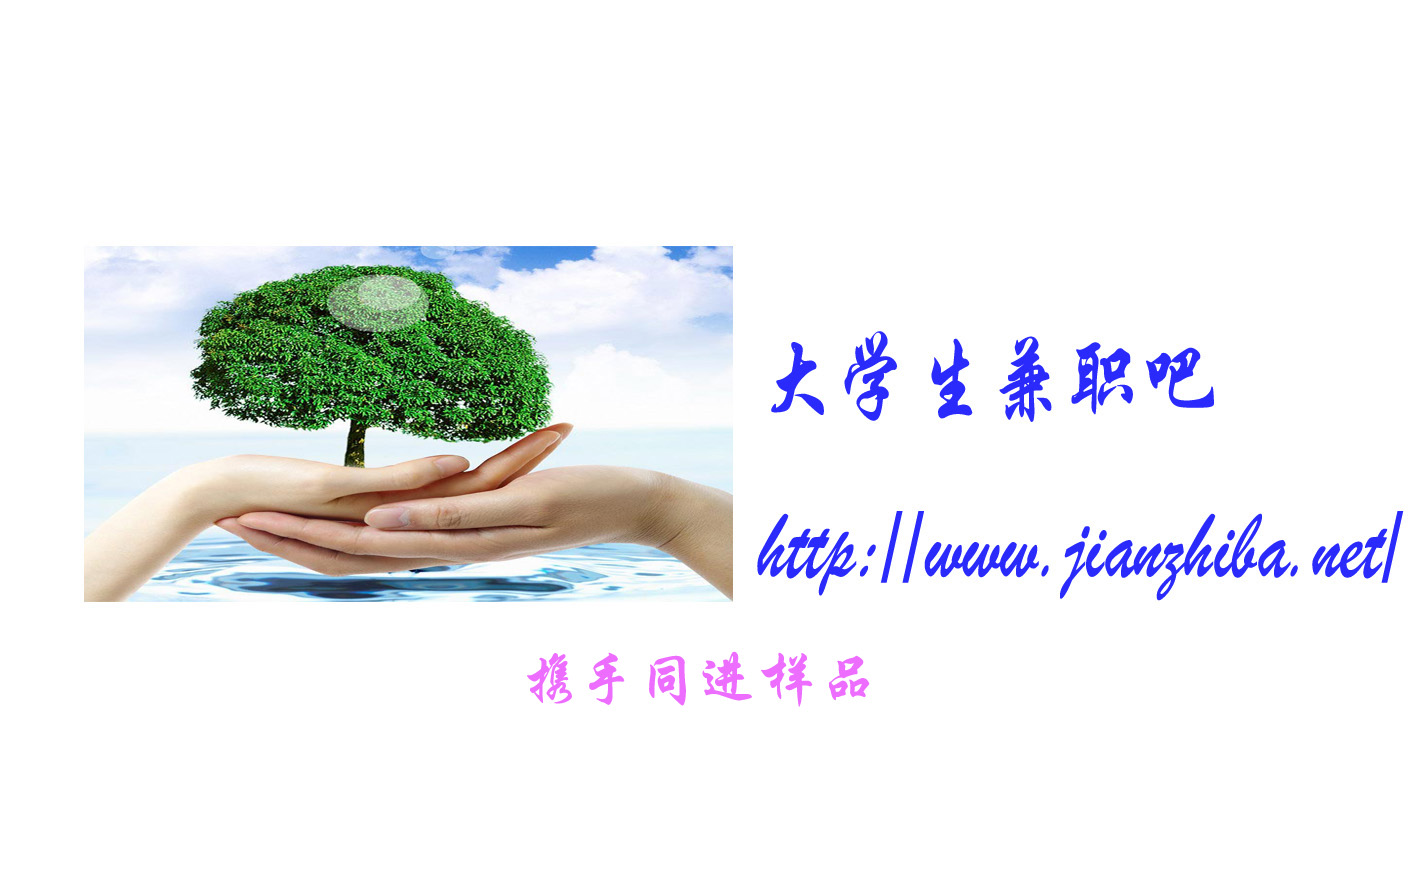 大学生兼职吧网站logo设计